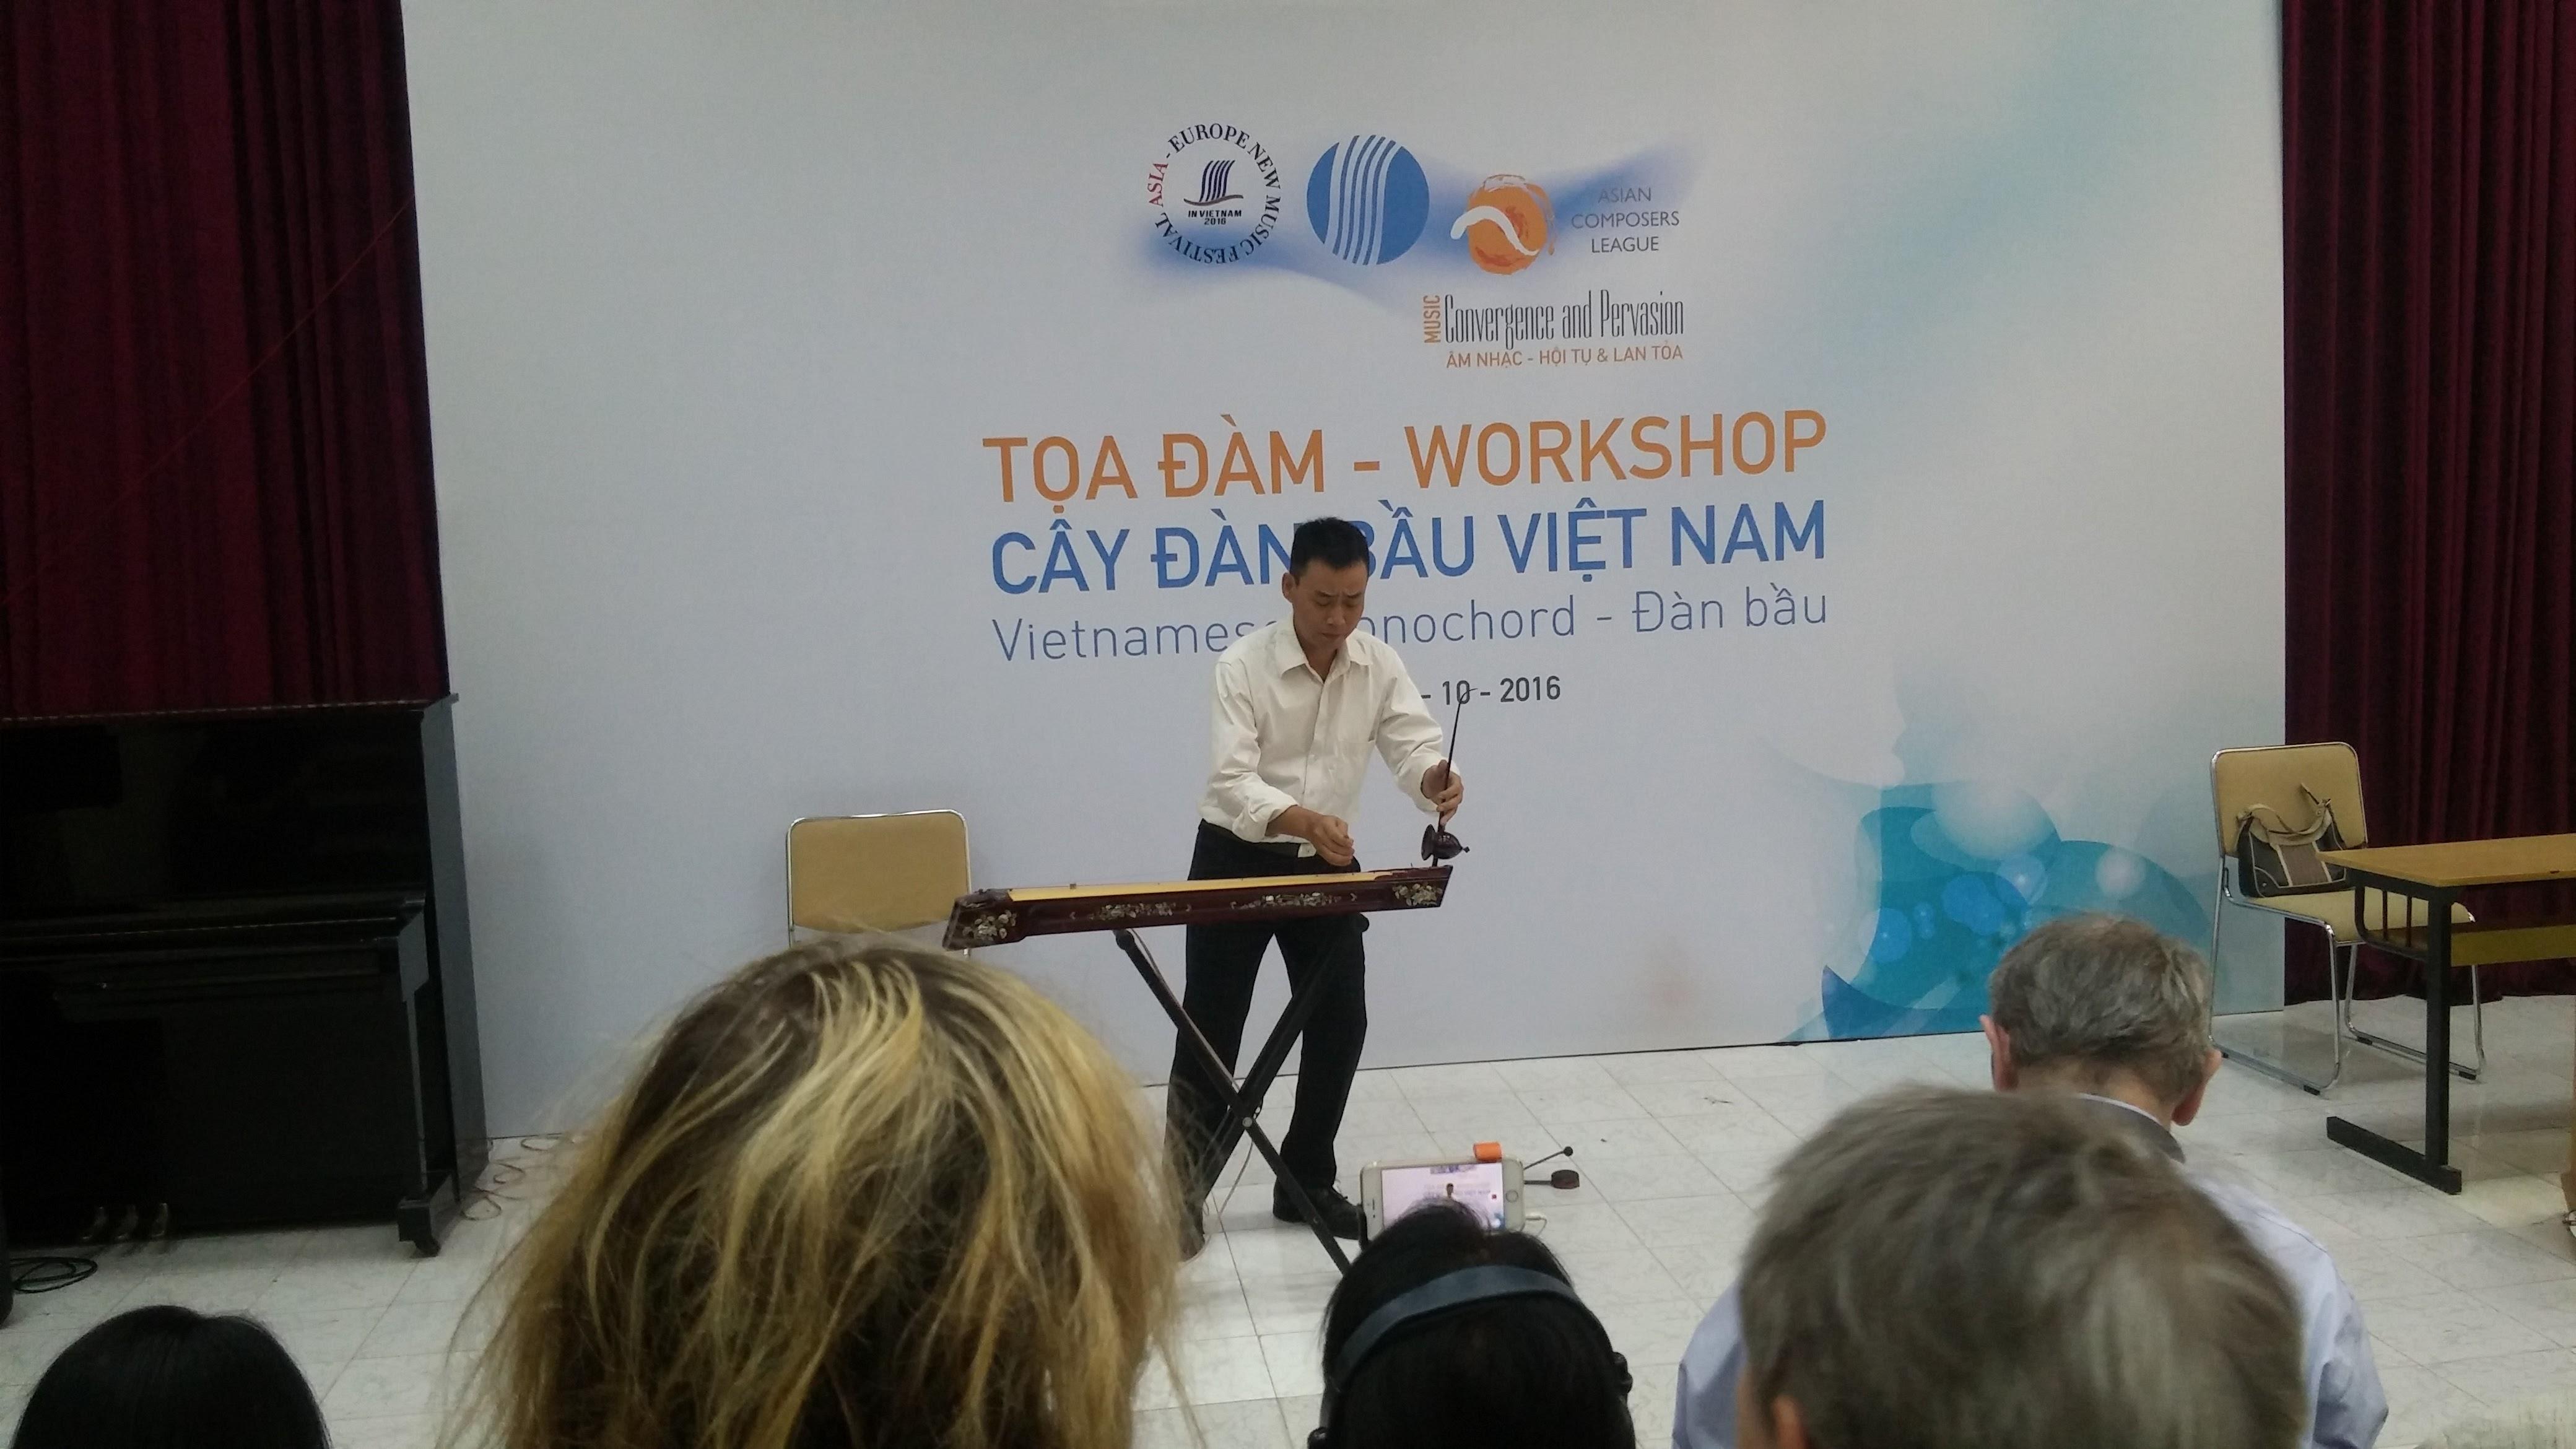 ด่านเบิ่ว – เครื่องดนตรีที่เป็นเอกลักษณ์เฉพาะของคนเวียดนาม